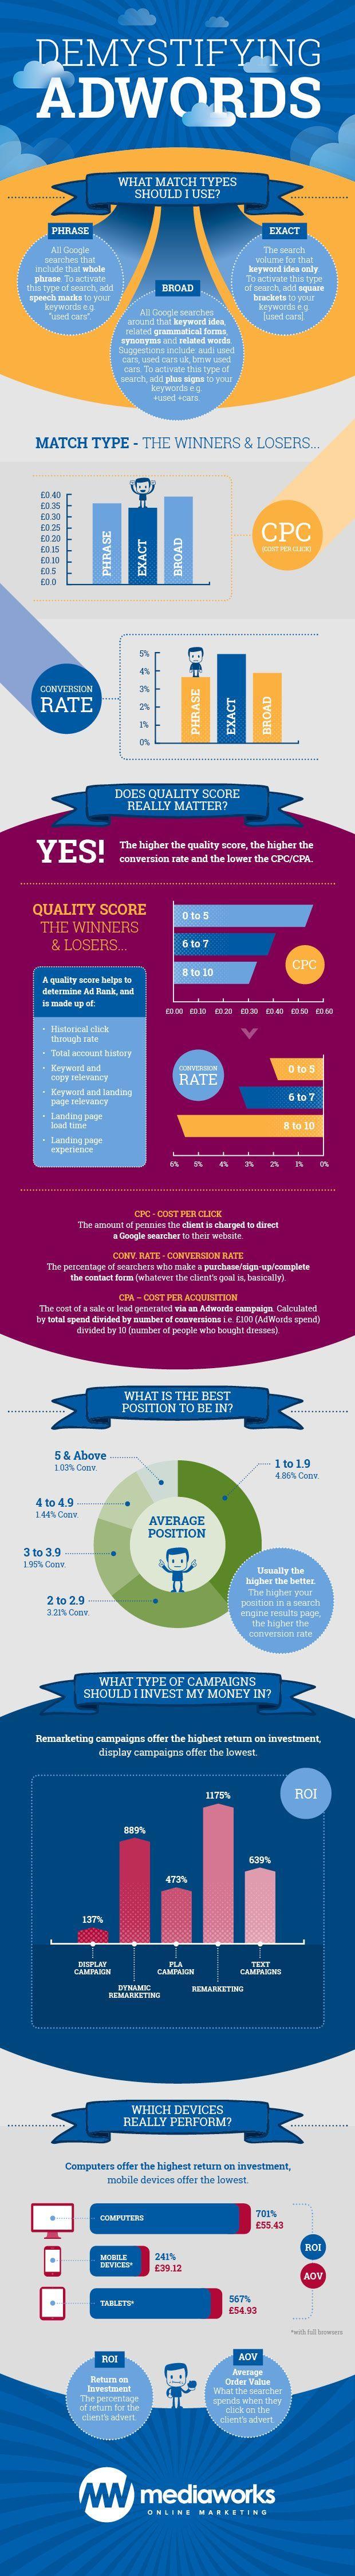 5 Proven Ways to Increase Google Adwords ROI